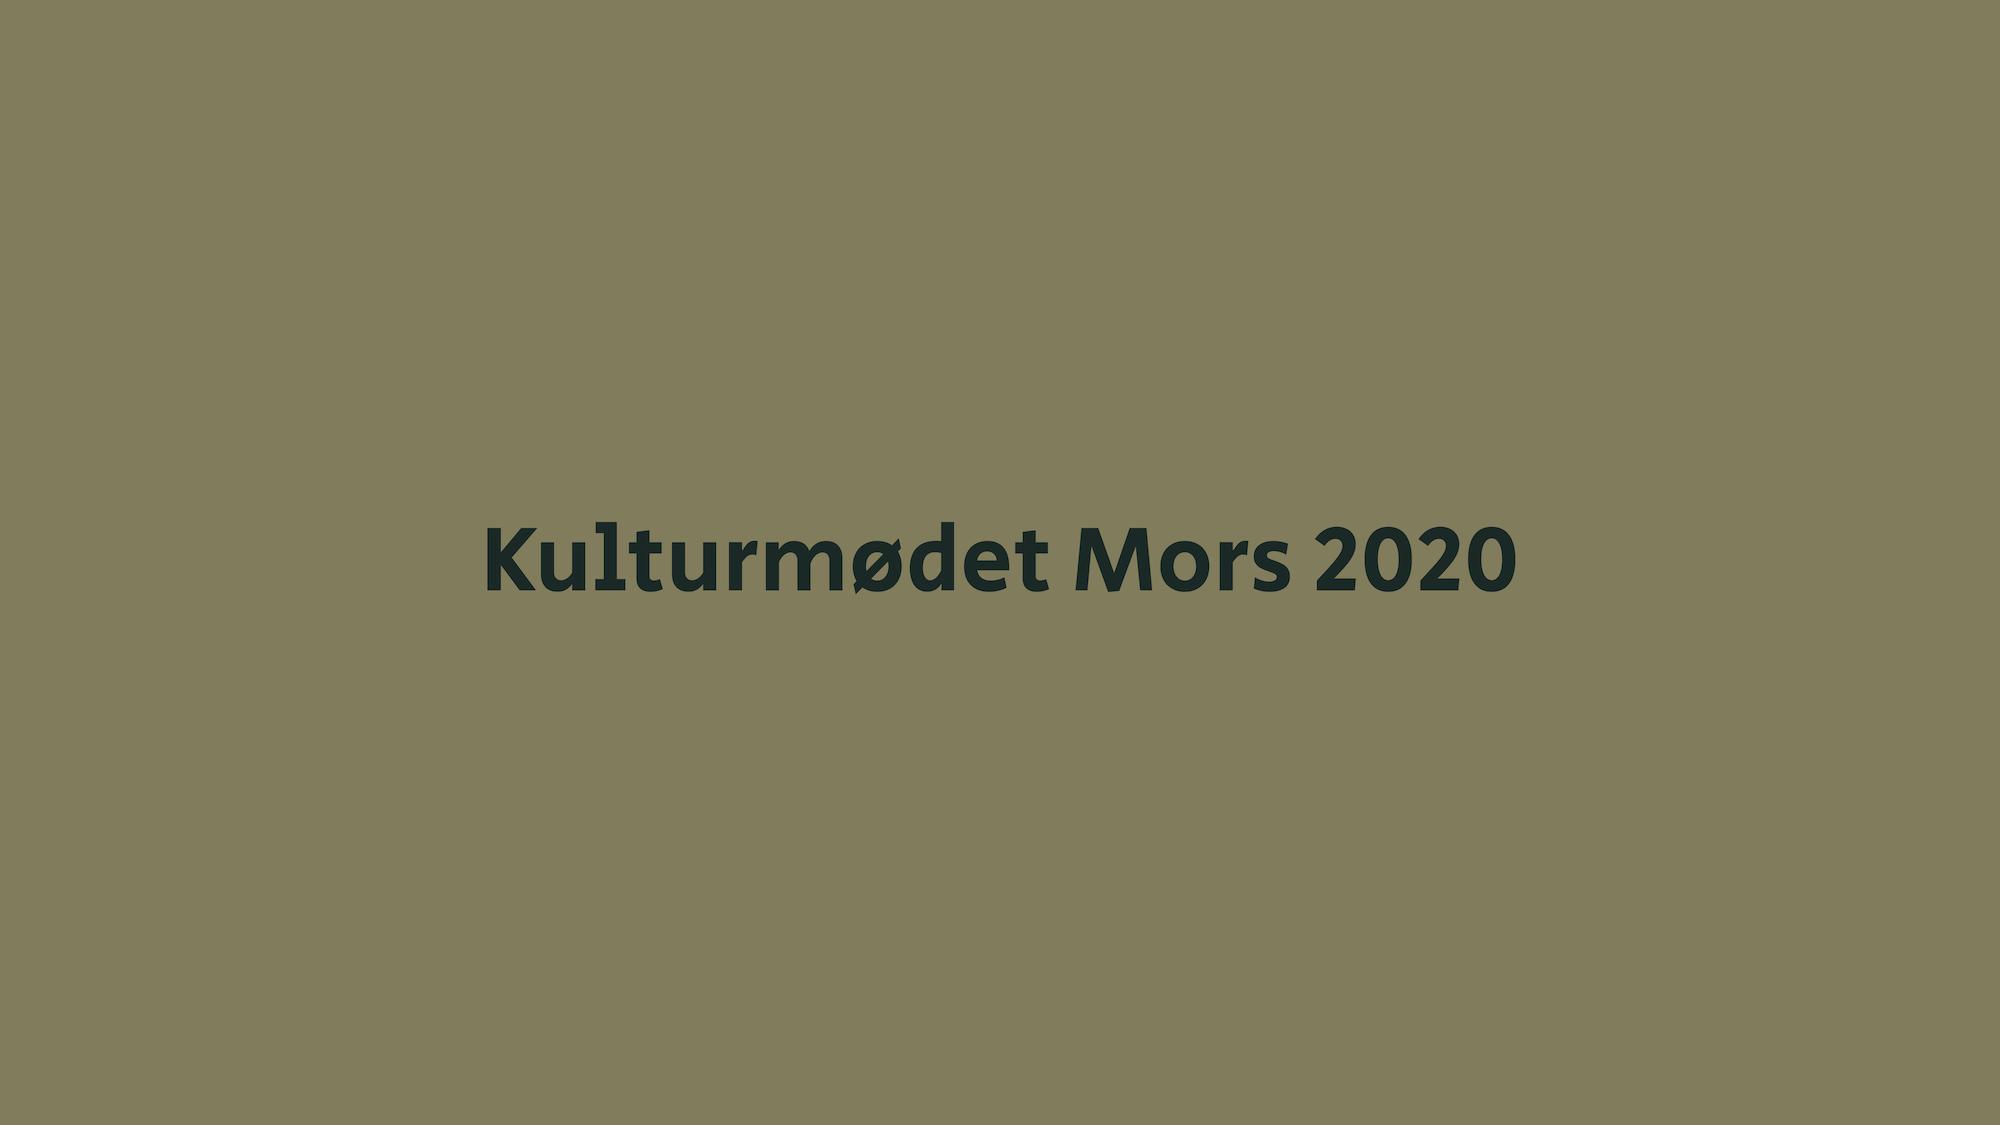 Kulturmødet Mors 2020